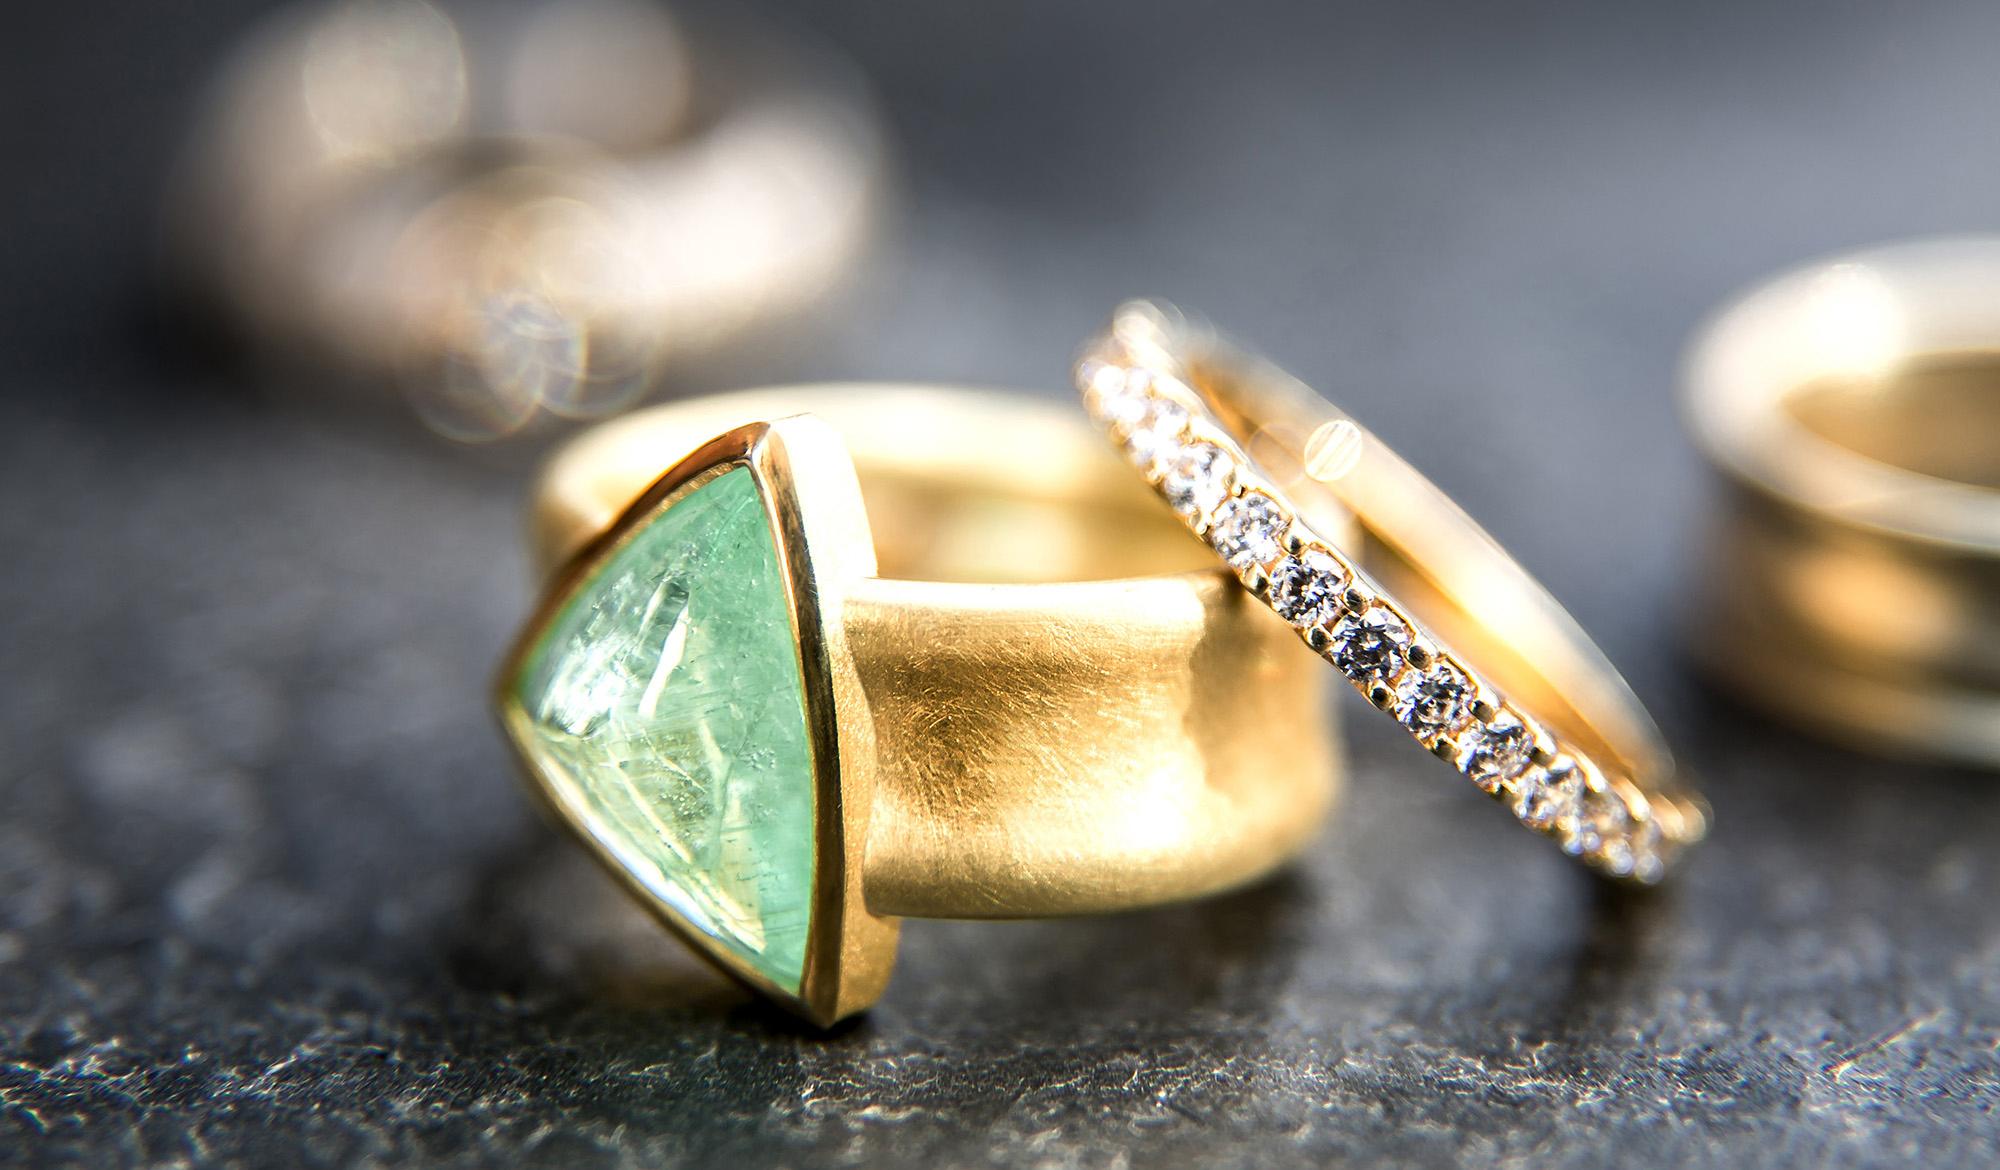 Angelika Hanstein Hamburg.Ringe in 750/000 Gold. Ring mit großem, gruenem, dreieckigem Paraiba-Turmalin. Daneben ein Memoire-Ring mit rundherum Brillanten. Im Hintergrund Eheringe.